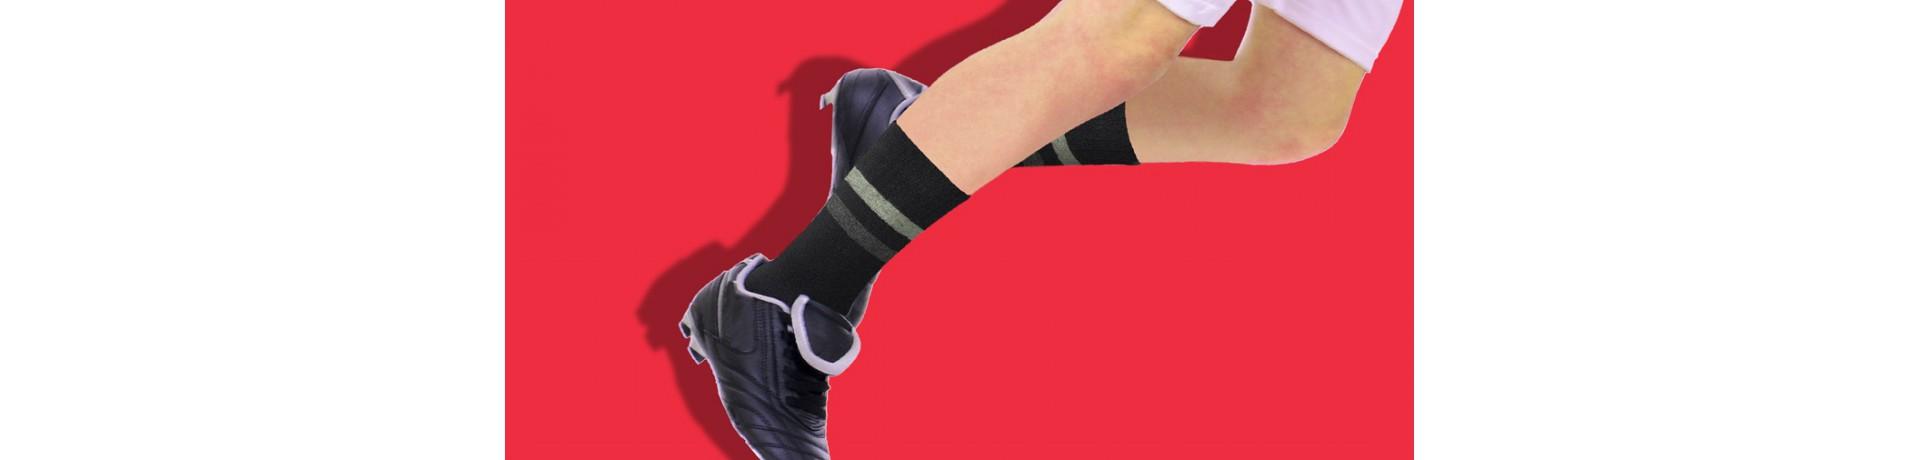 Chaussettes garçon de sport